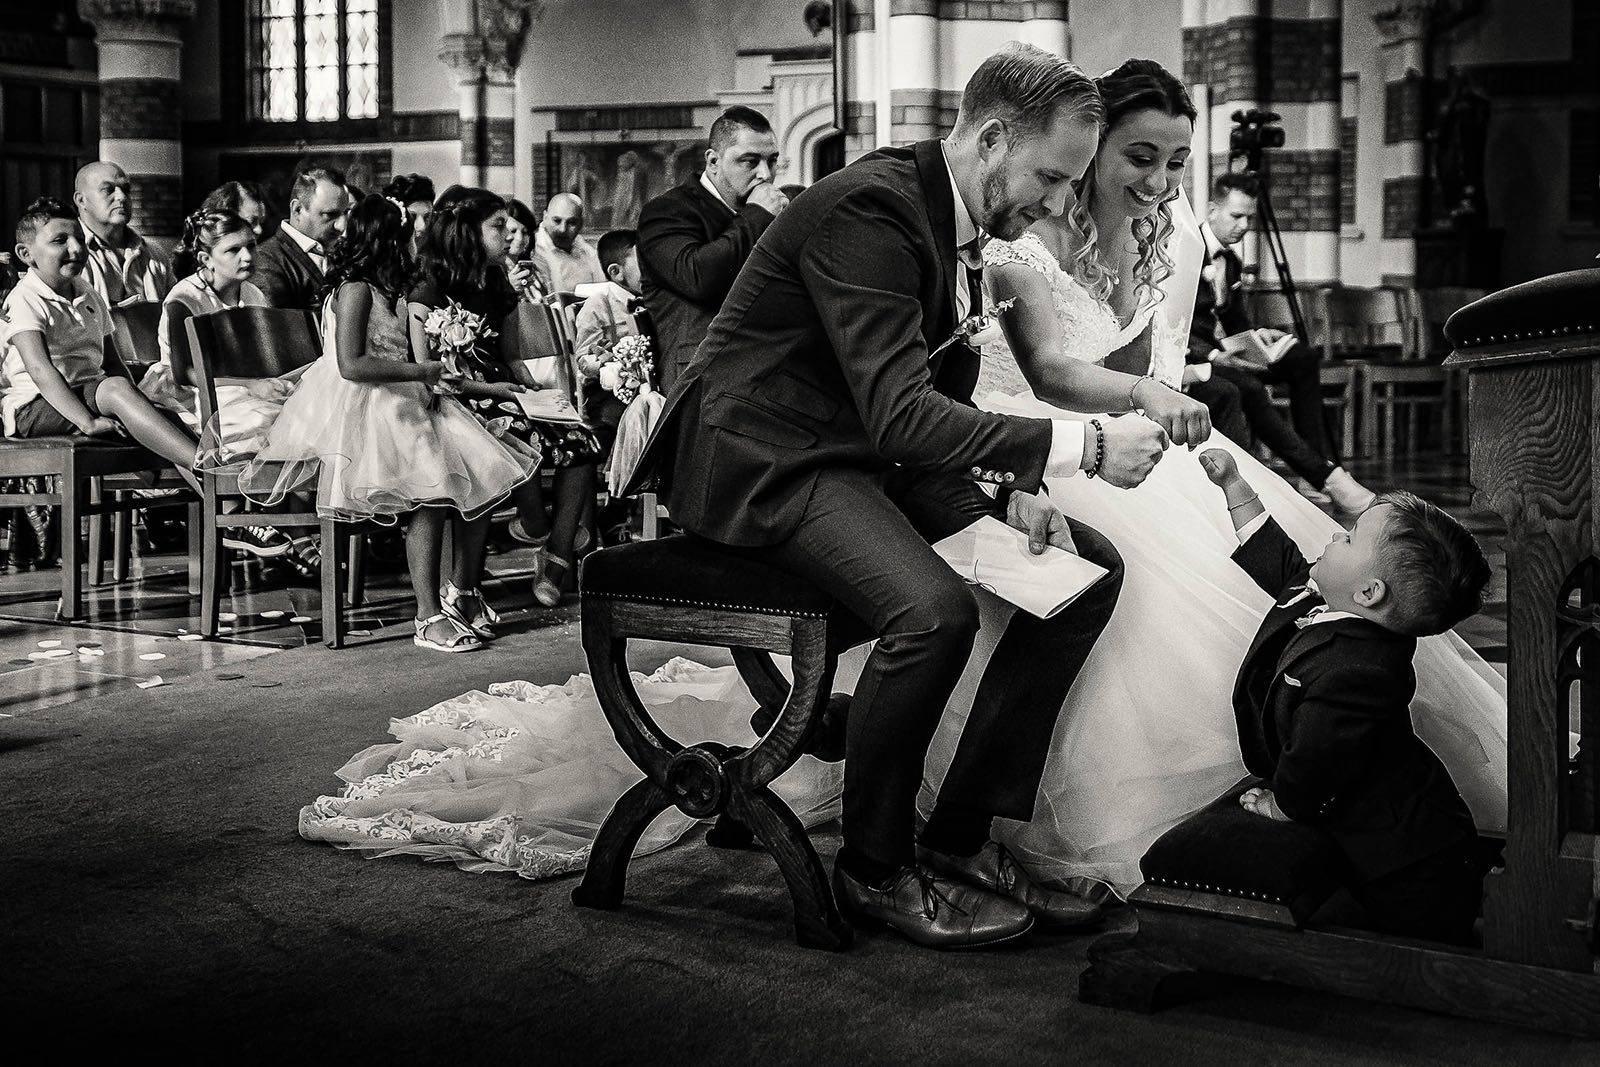 Wondermooi - Trouwfotograaf - Huwelijksfotograaf - Fotograaf - House of Weddings - 5